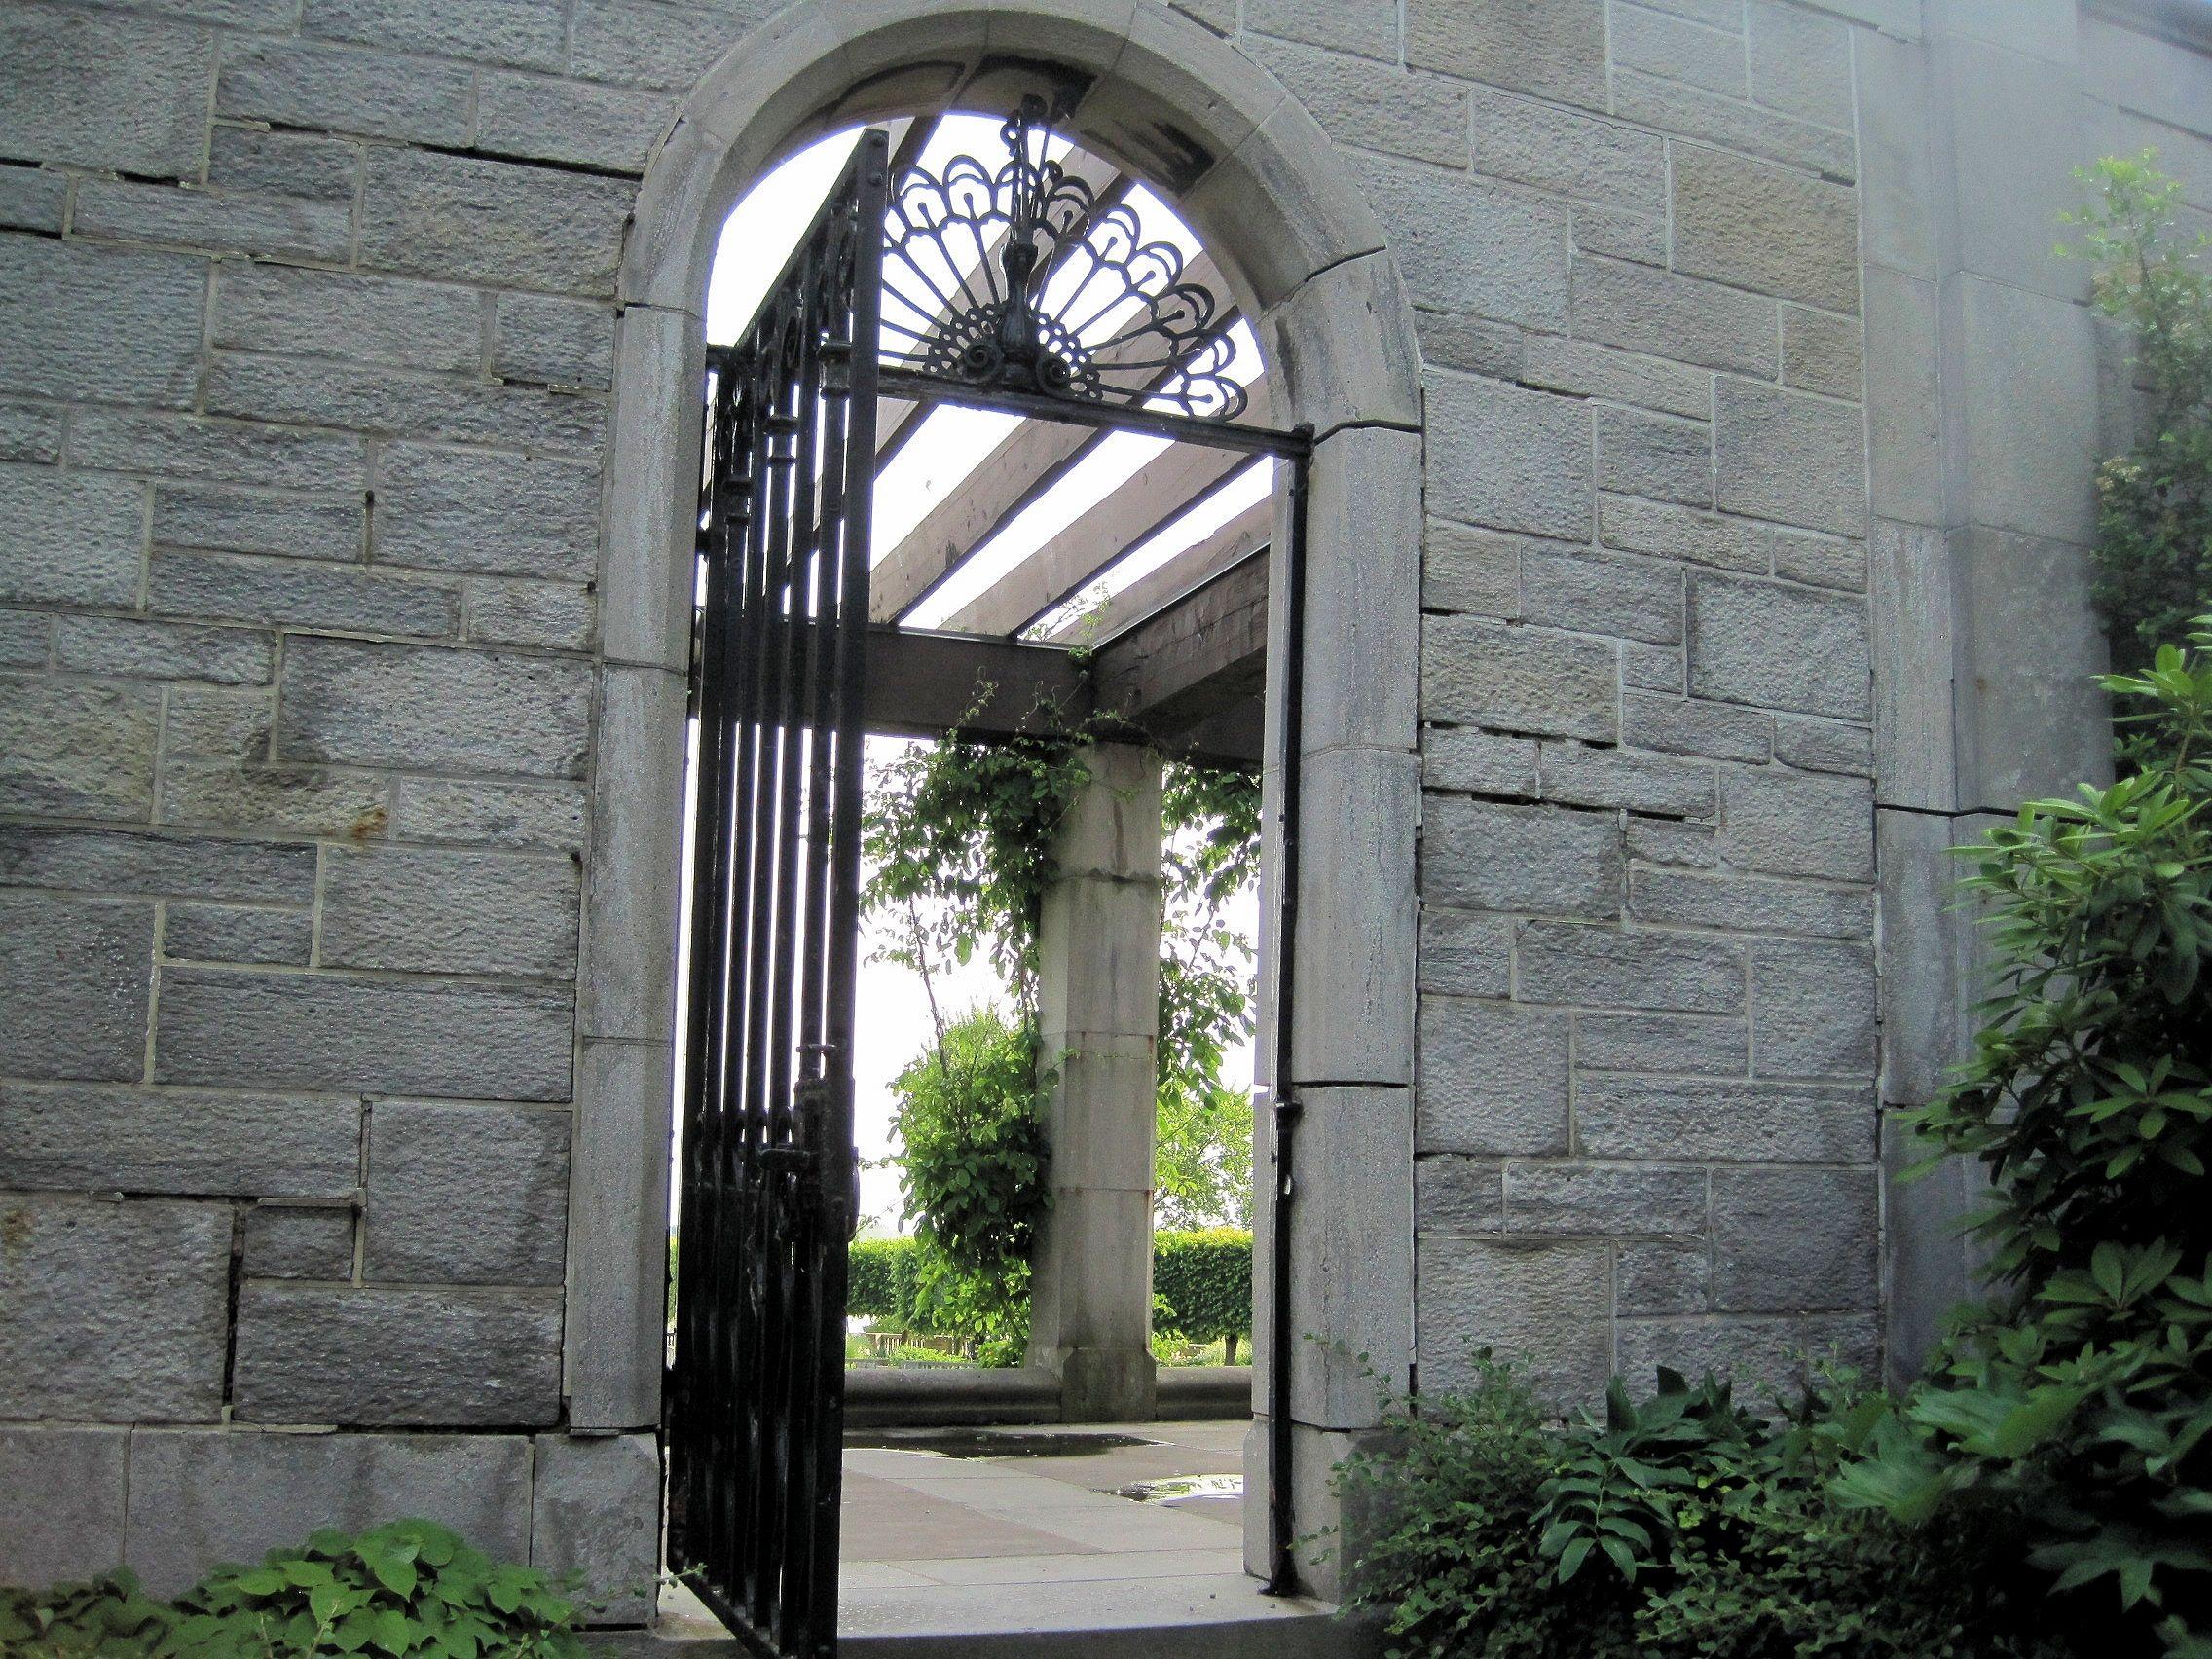 песни, трогательные фото арочных восточной архитектуры ворот записи видно